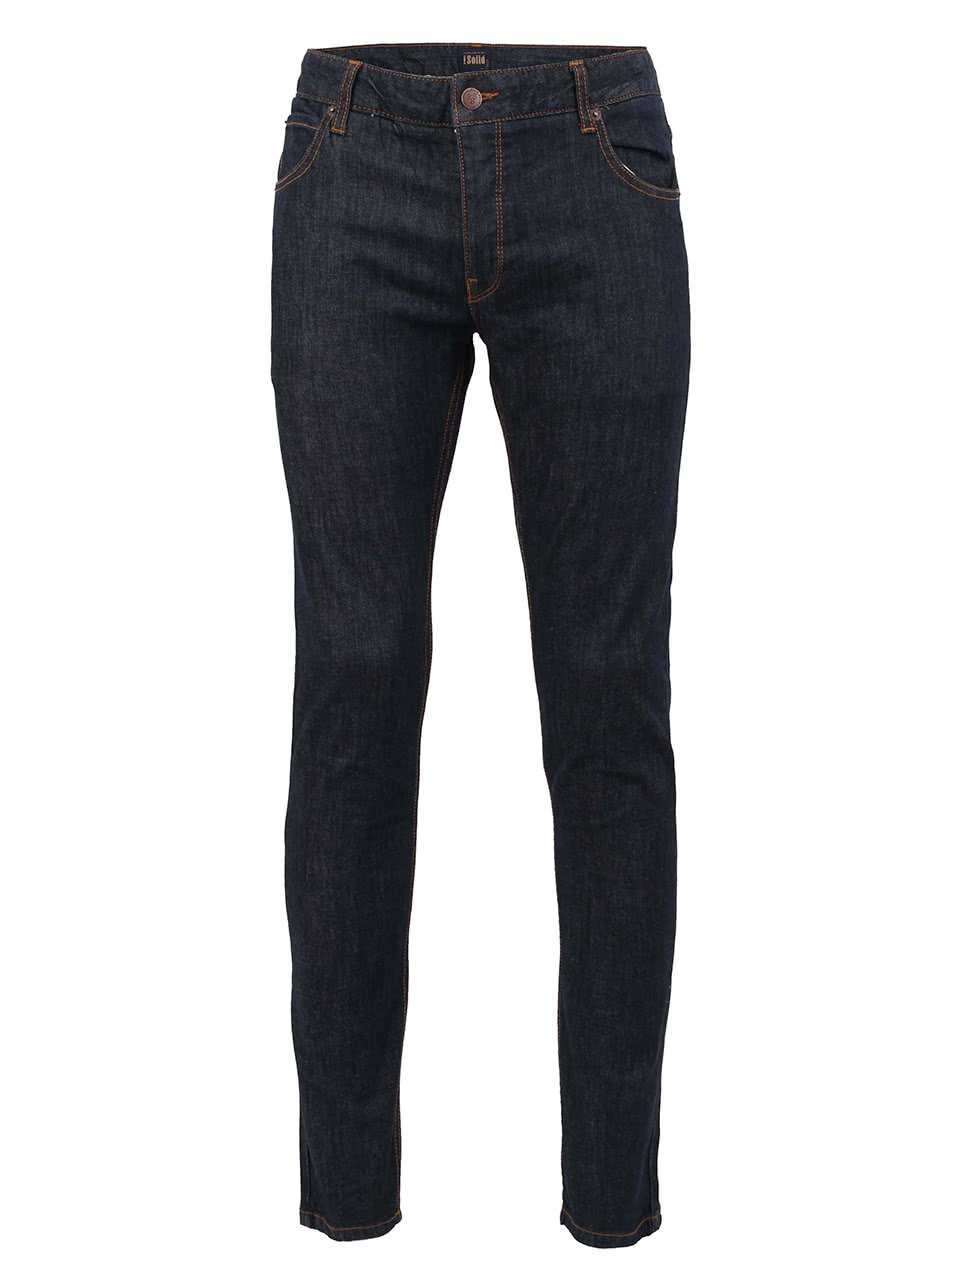 Tmavě modré skinny džíny s knoflíkovým zapínáním !Solid Dexter